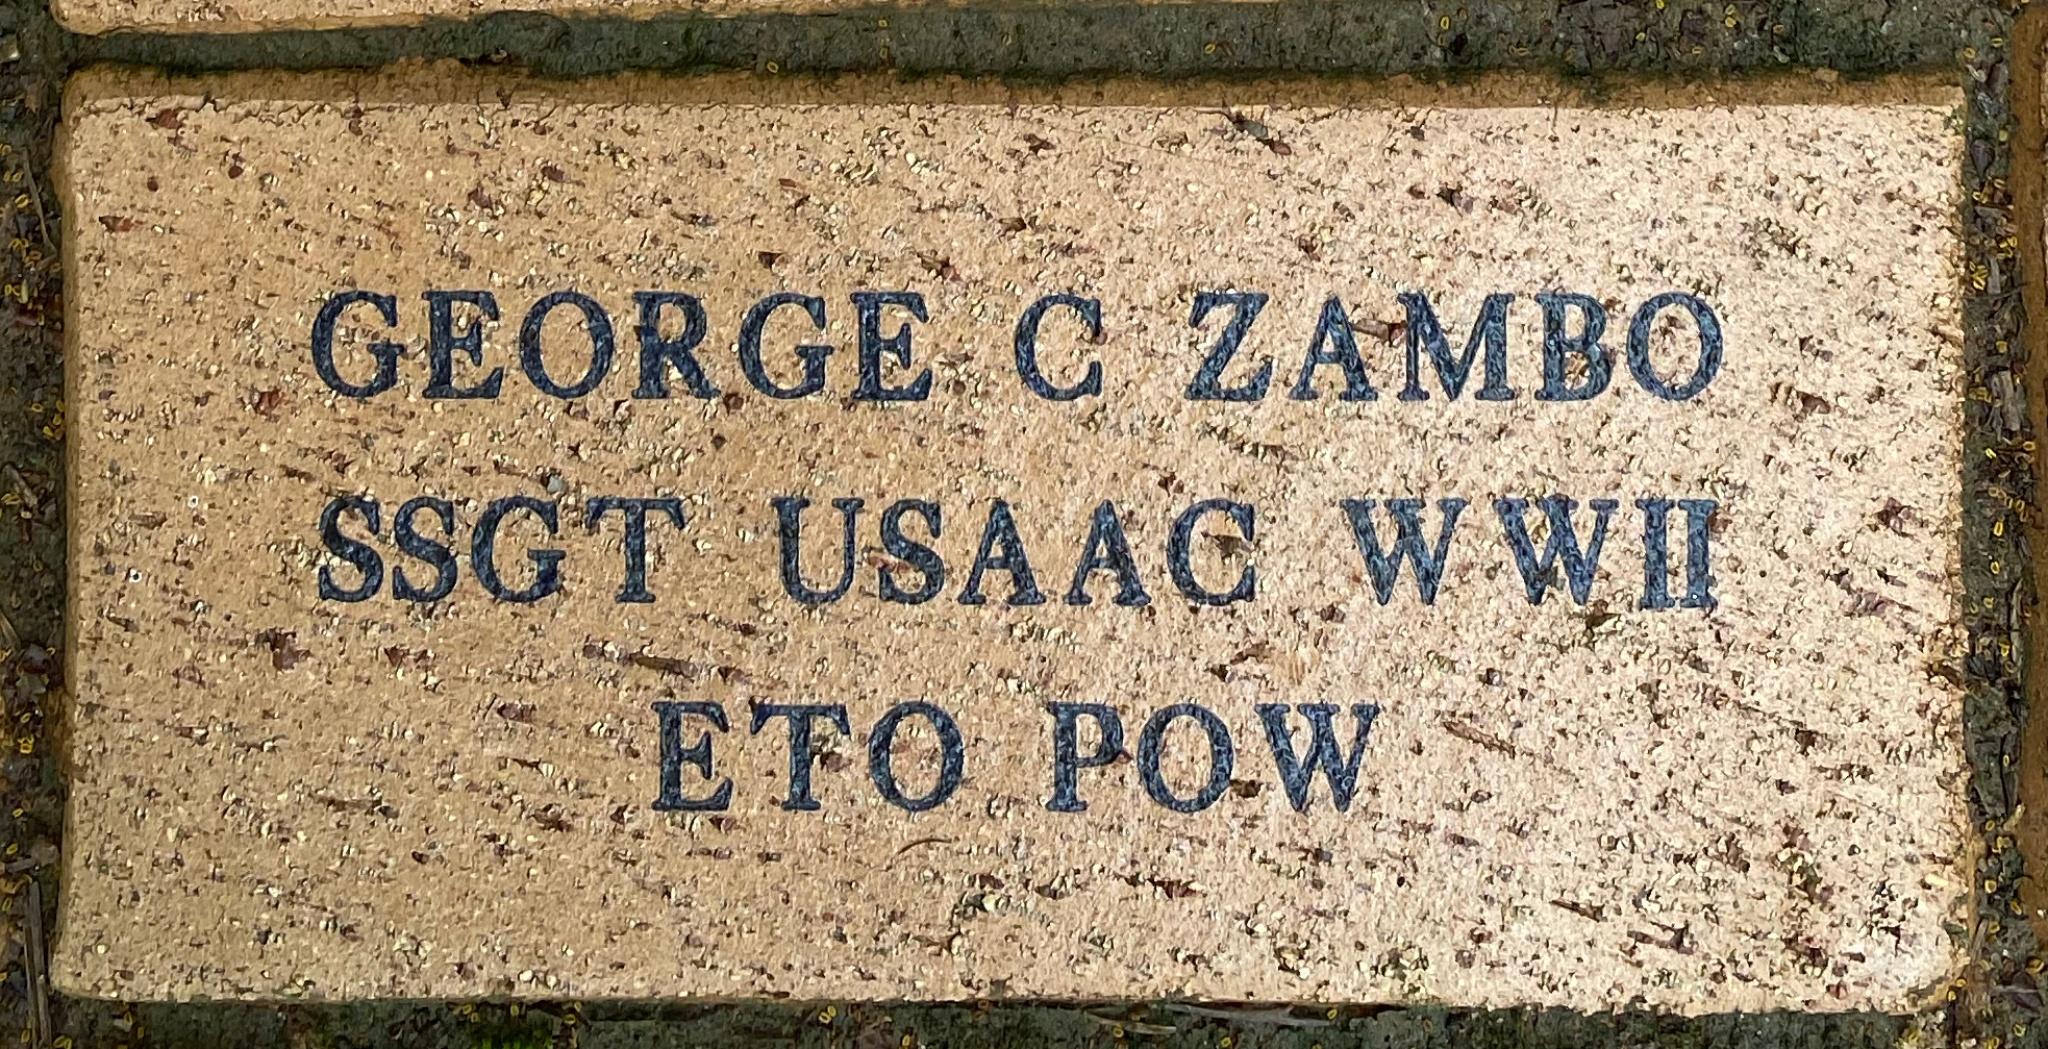 GEORGE C ZAMBO SSGT USAAC WWII ETO POW